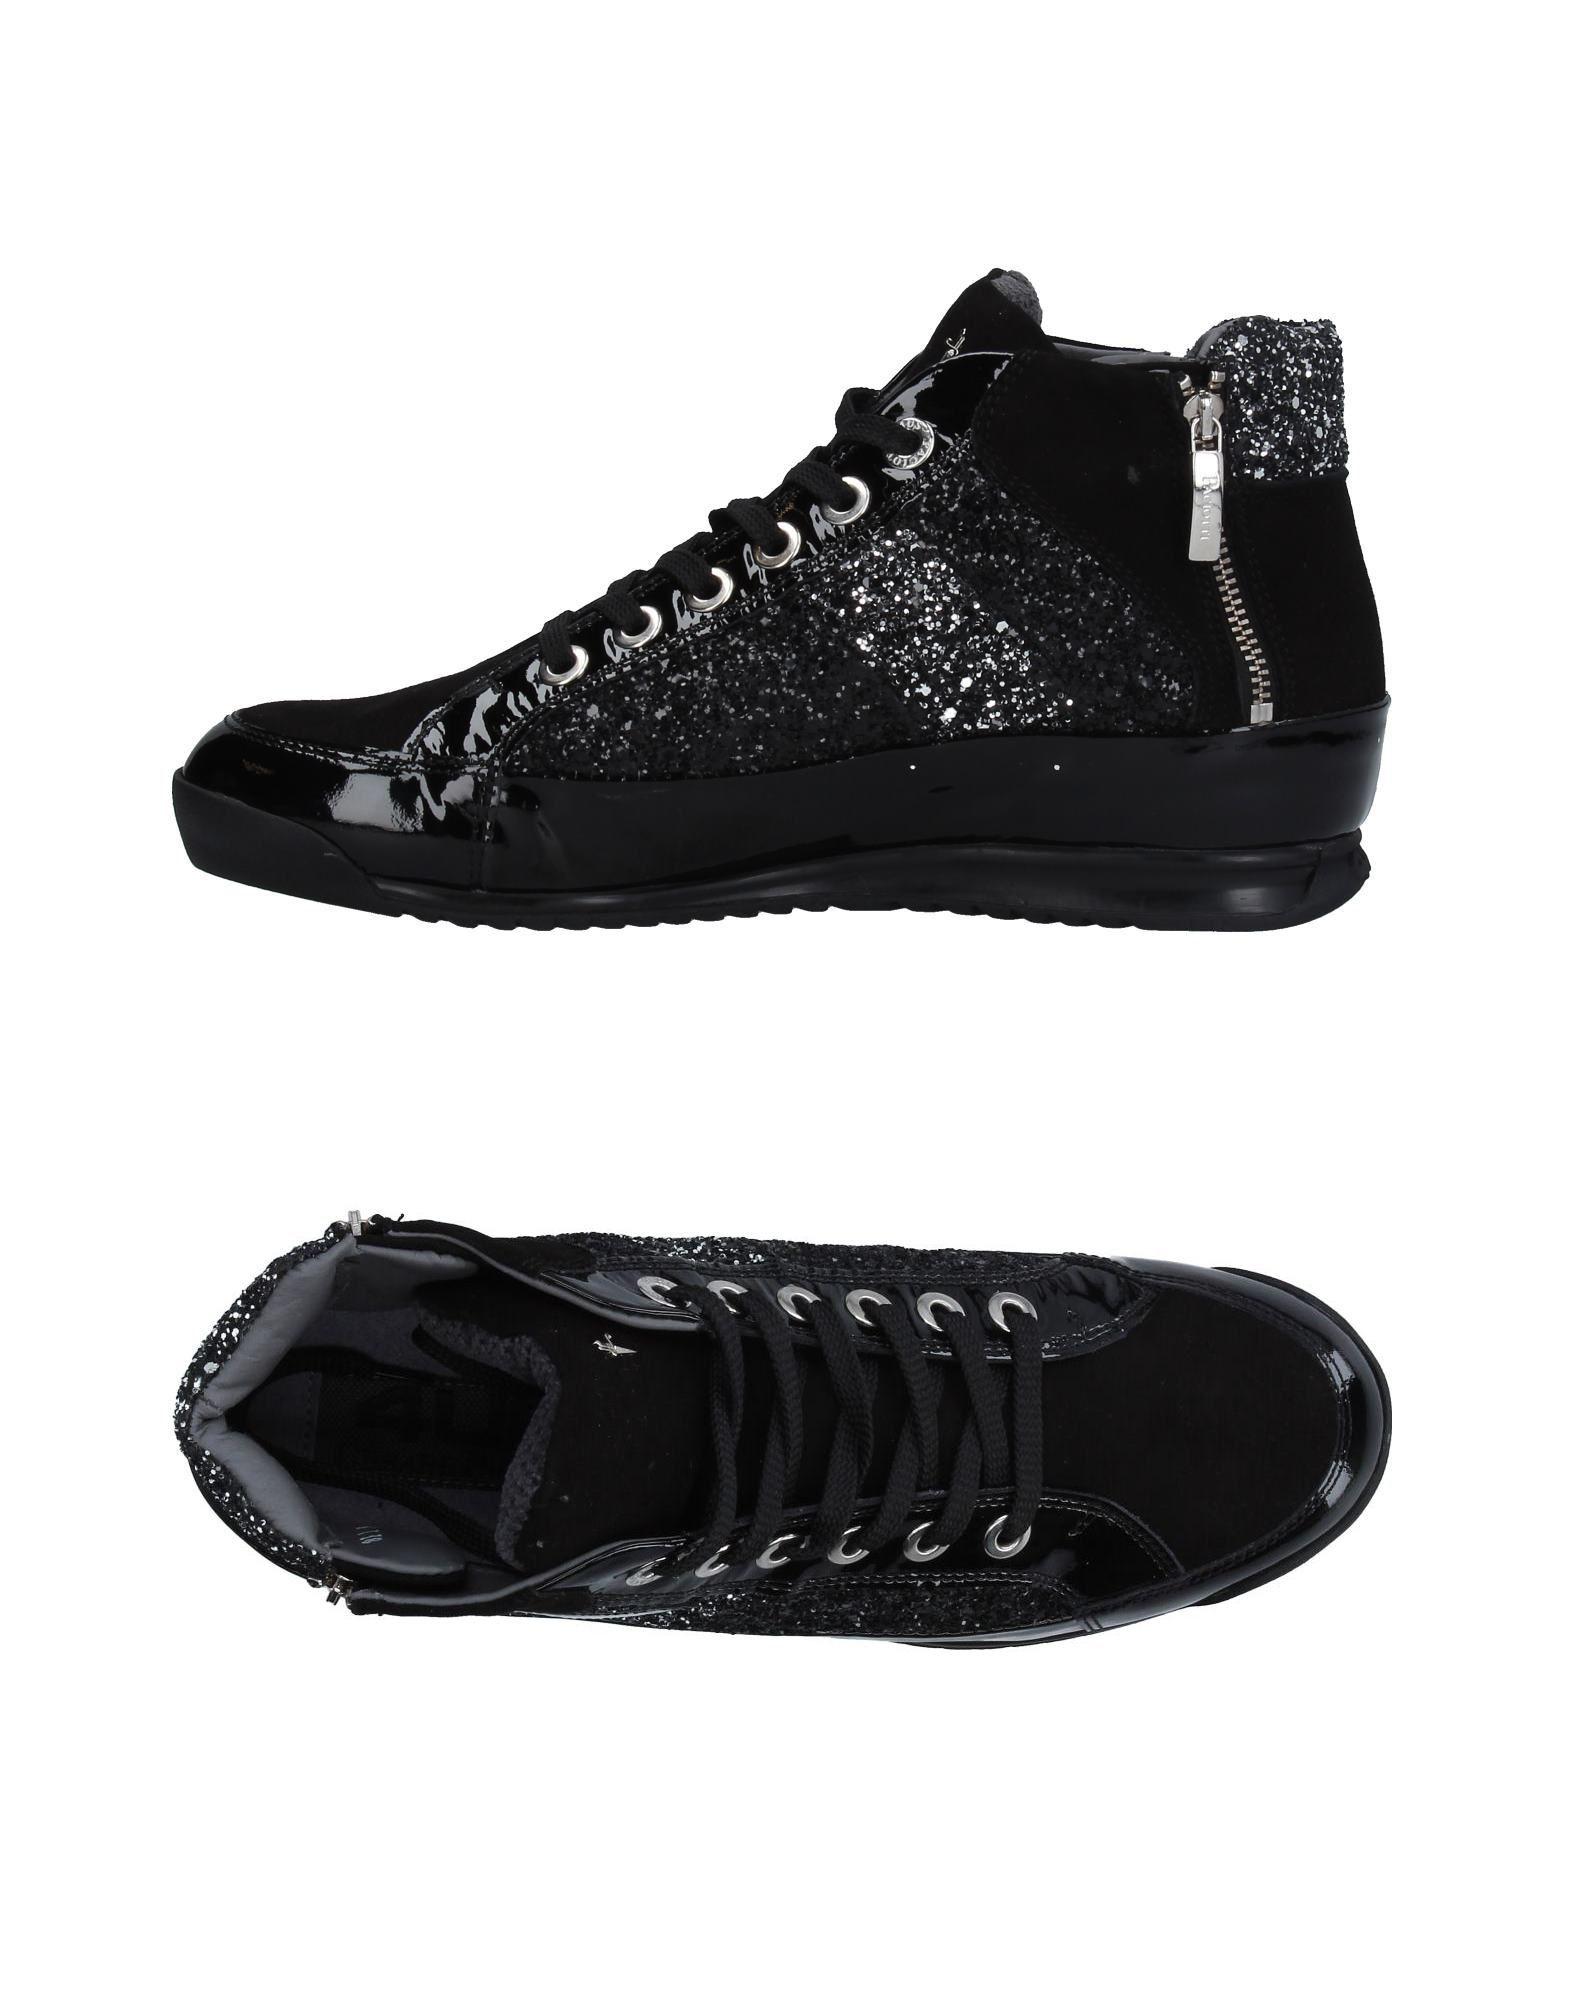 Cesare Paciotti 4Us Cesare Sneakers - Women Cesare 4Us Paciotti 4Us Sneakers online on  United Kingdom - 11231007QR 0c20bd